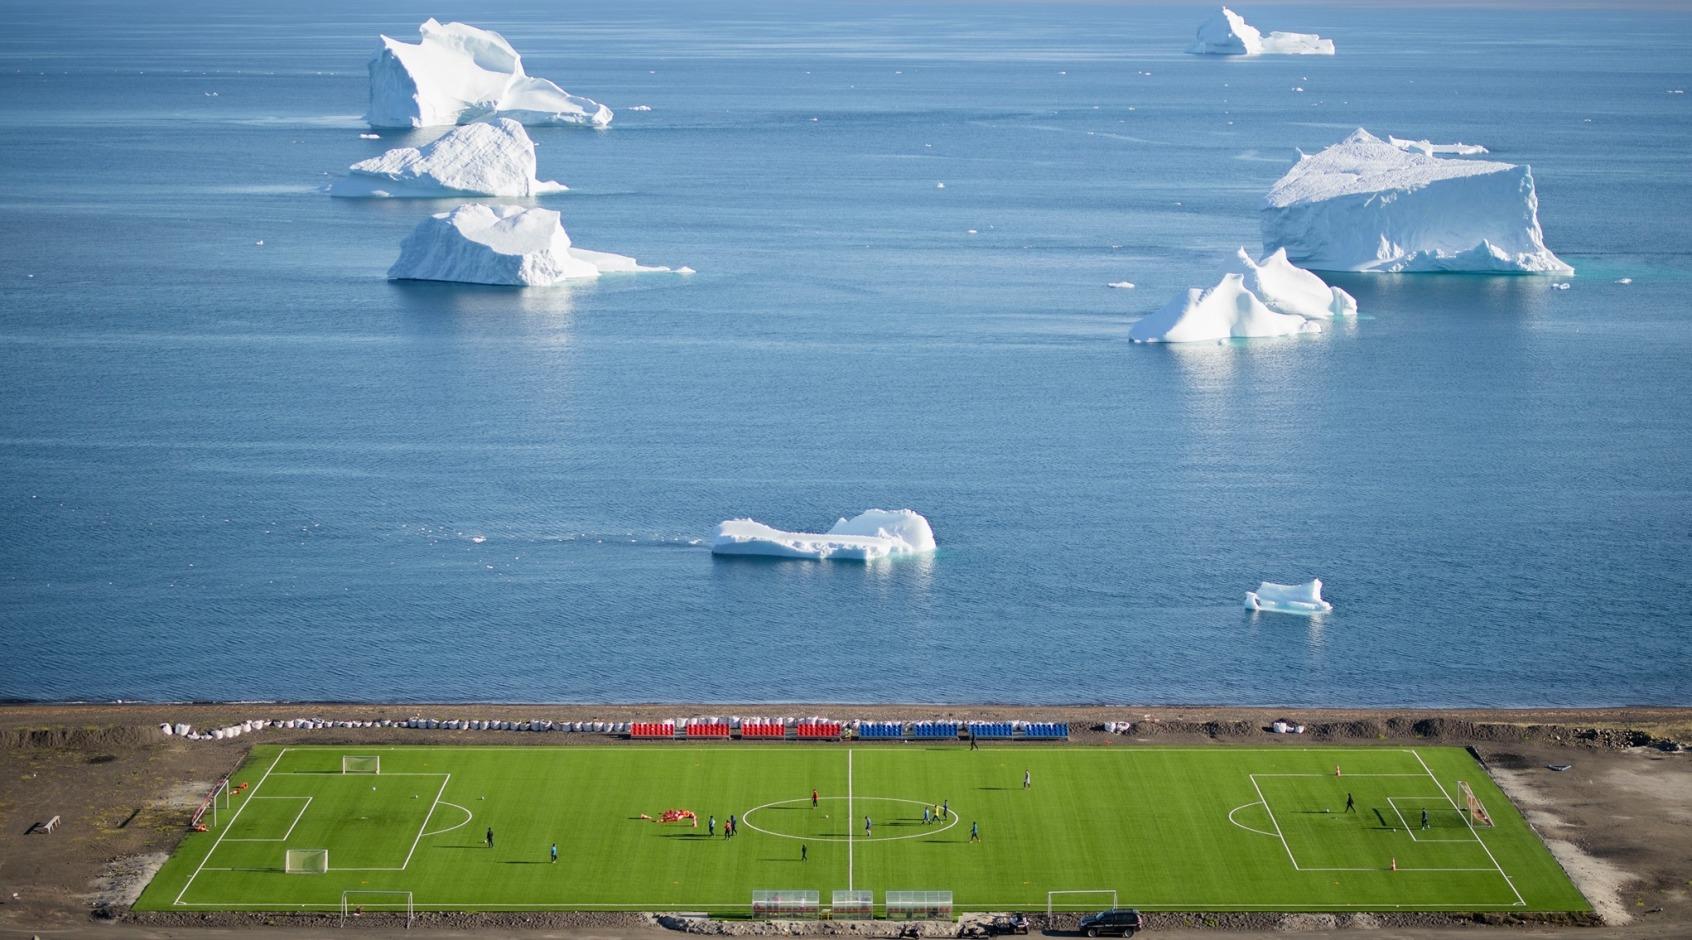 Самое короткое футбольное соревнование в мире: в Гренландии сезон длится одну неделю (+Фото, Видео)